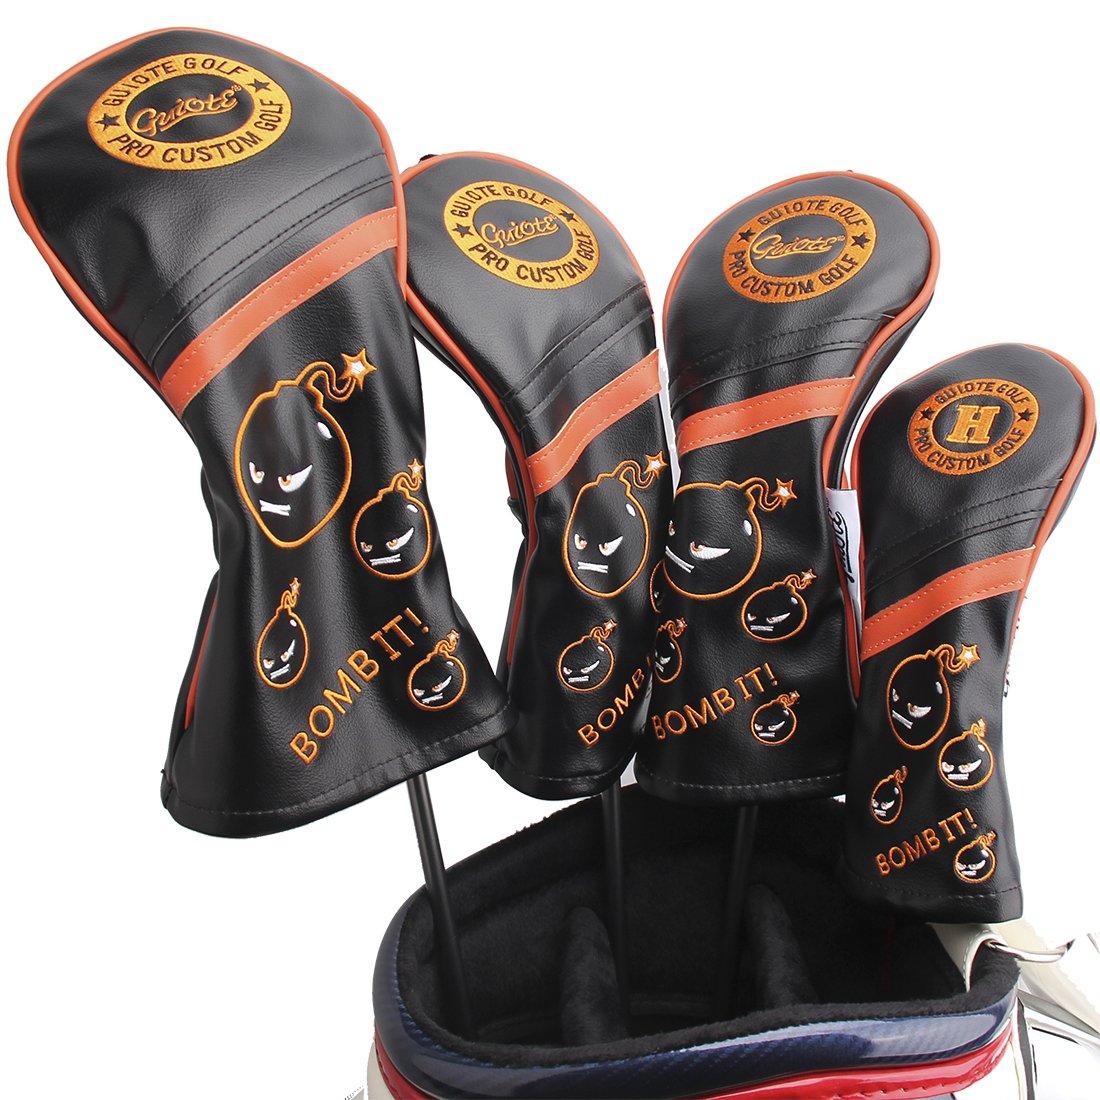 Guiote ゴルフヘッドカバー Golf head covers クラブヘッドカバー ウッドカバー ドライバー 新デザイン 交換可能な番号タグ付き(#2.#3.#4.#5.X) 4個セット B076NM2HNM BOMB-Black BOMB-Black